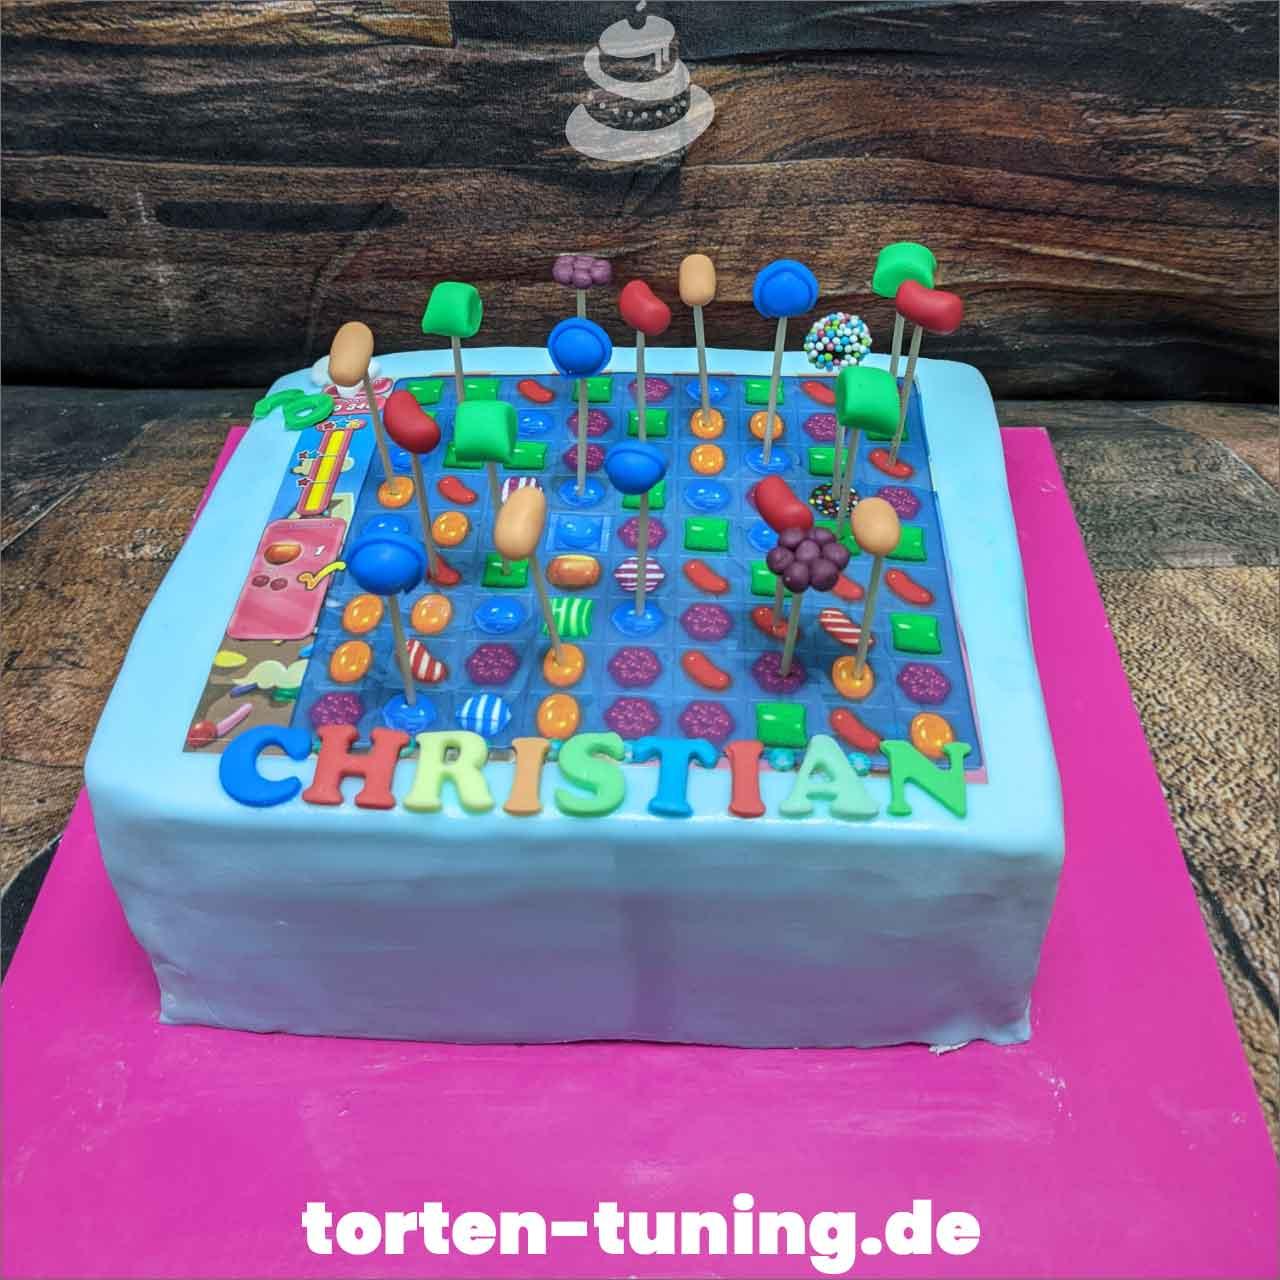 Candy Crush Dripcake Obsttorte Geburtstagstorte Motivtorte Torte Tortendekoration Torte online bestellen Suhl Thüringen Torten Tuning Sahnetorte Tortenfiguren Cake Topper